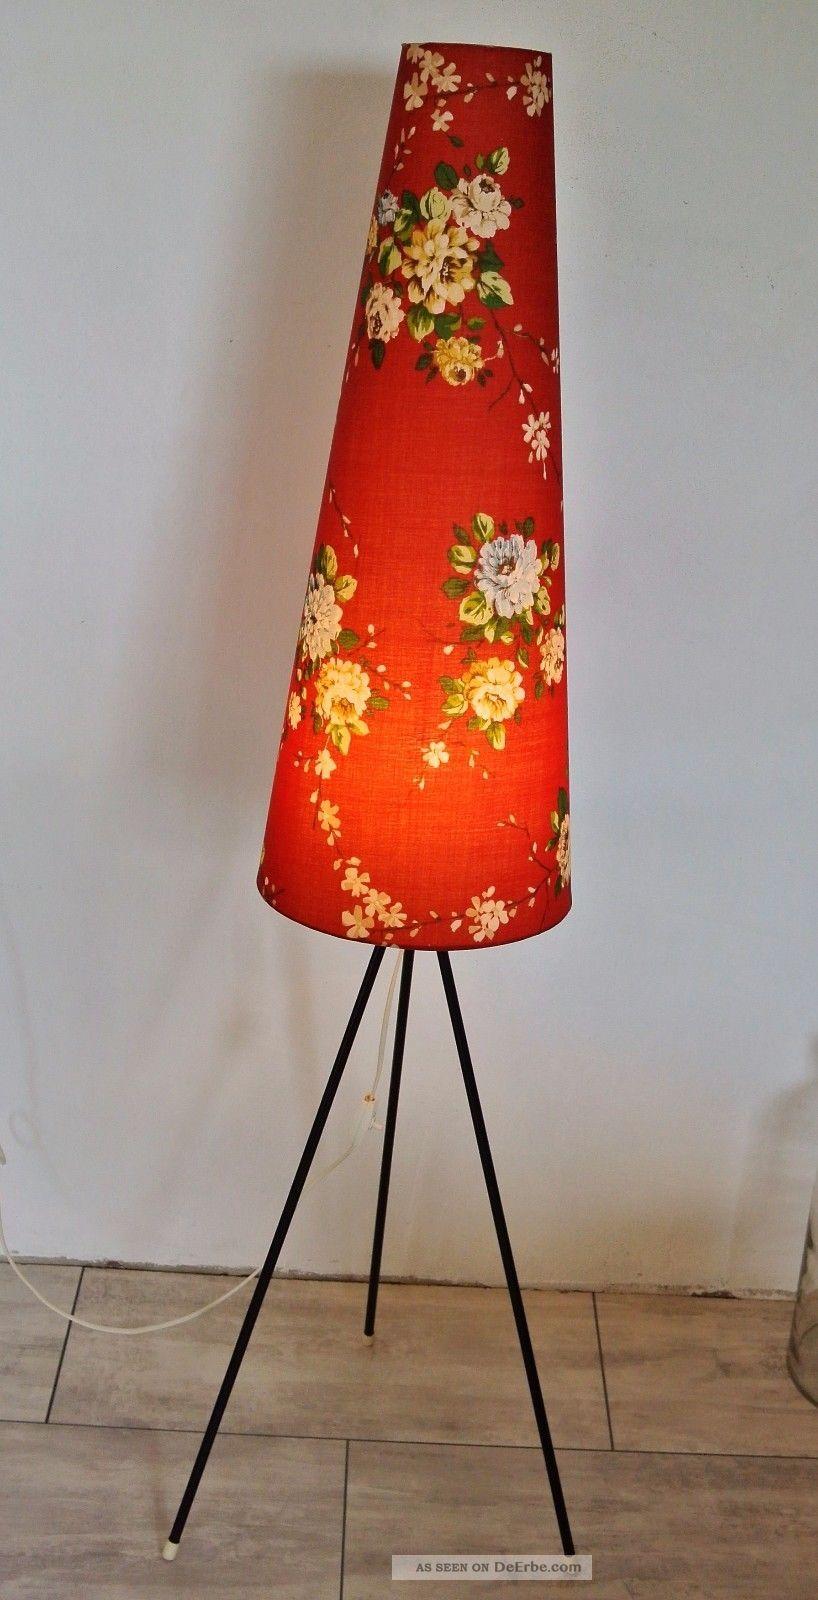 Tripod Lampe Stehlampe Dreibein Standlampe Blumen 50er 60er